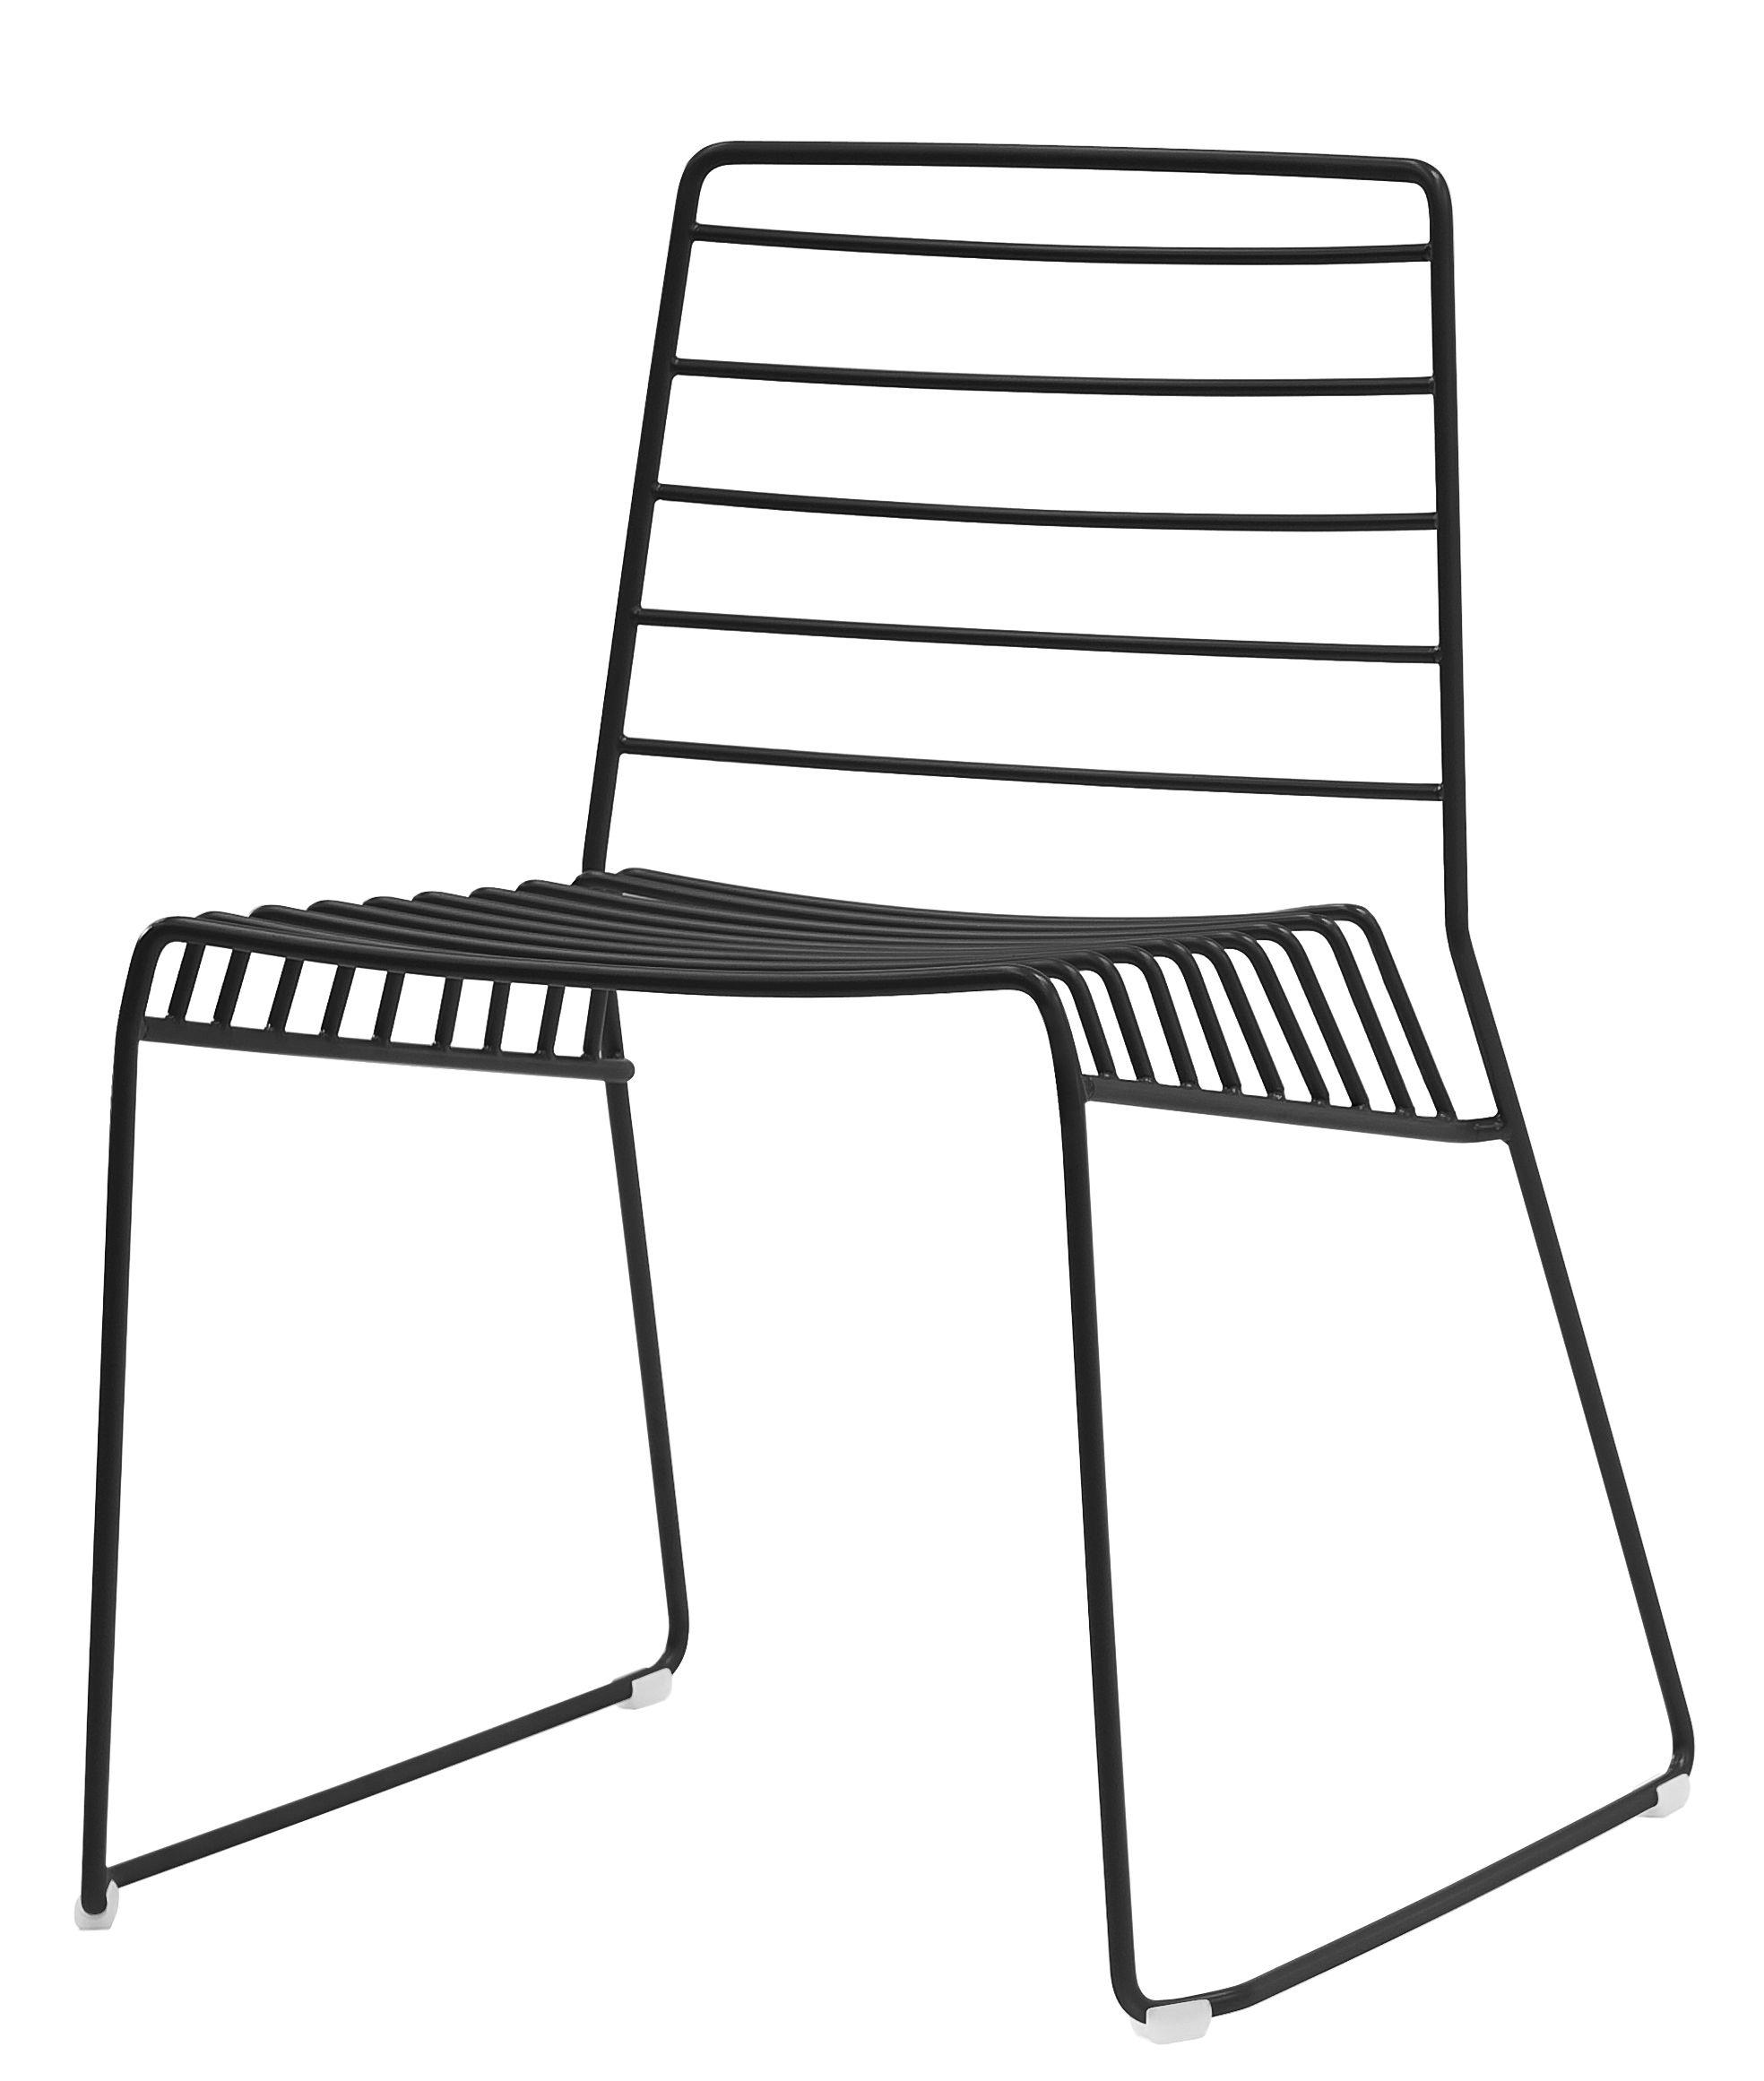 Mobilier - Chaises, fauteuils de salle à manger - Chaise empilable Park / Métal - B-LINE - Noir - Acier